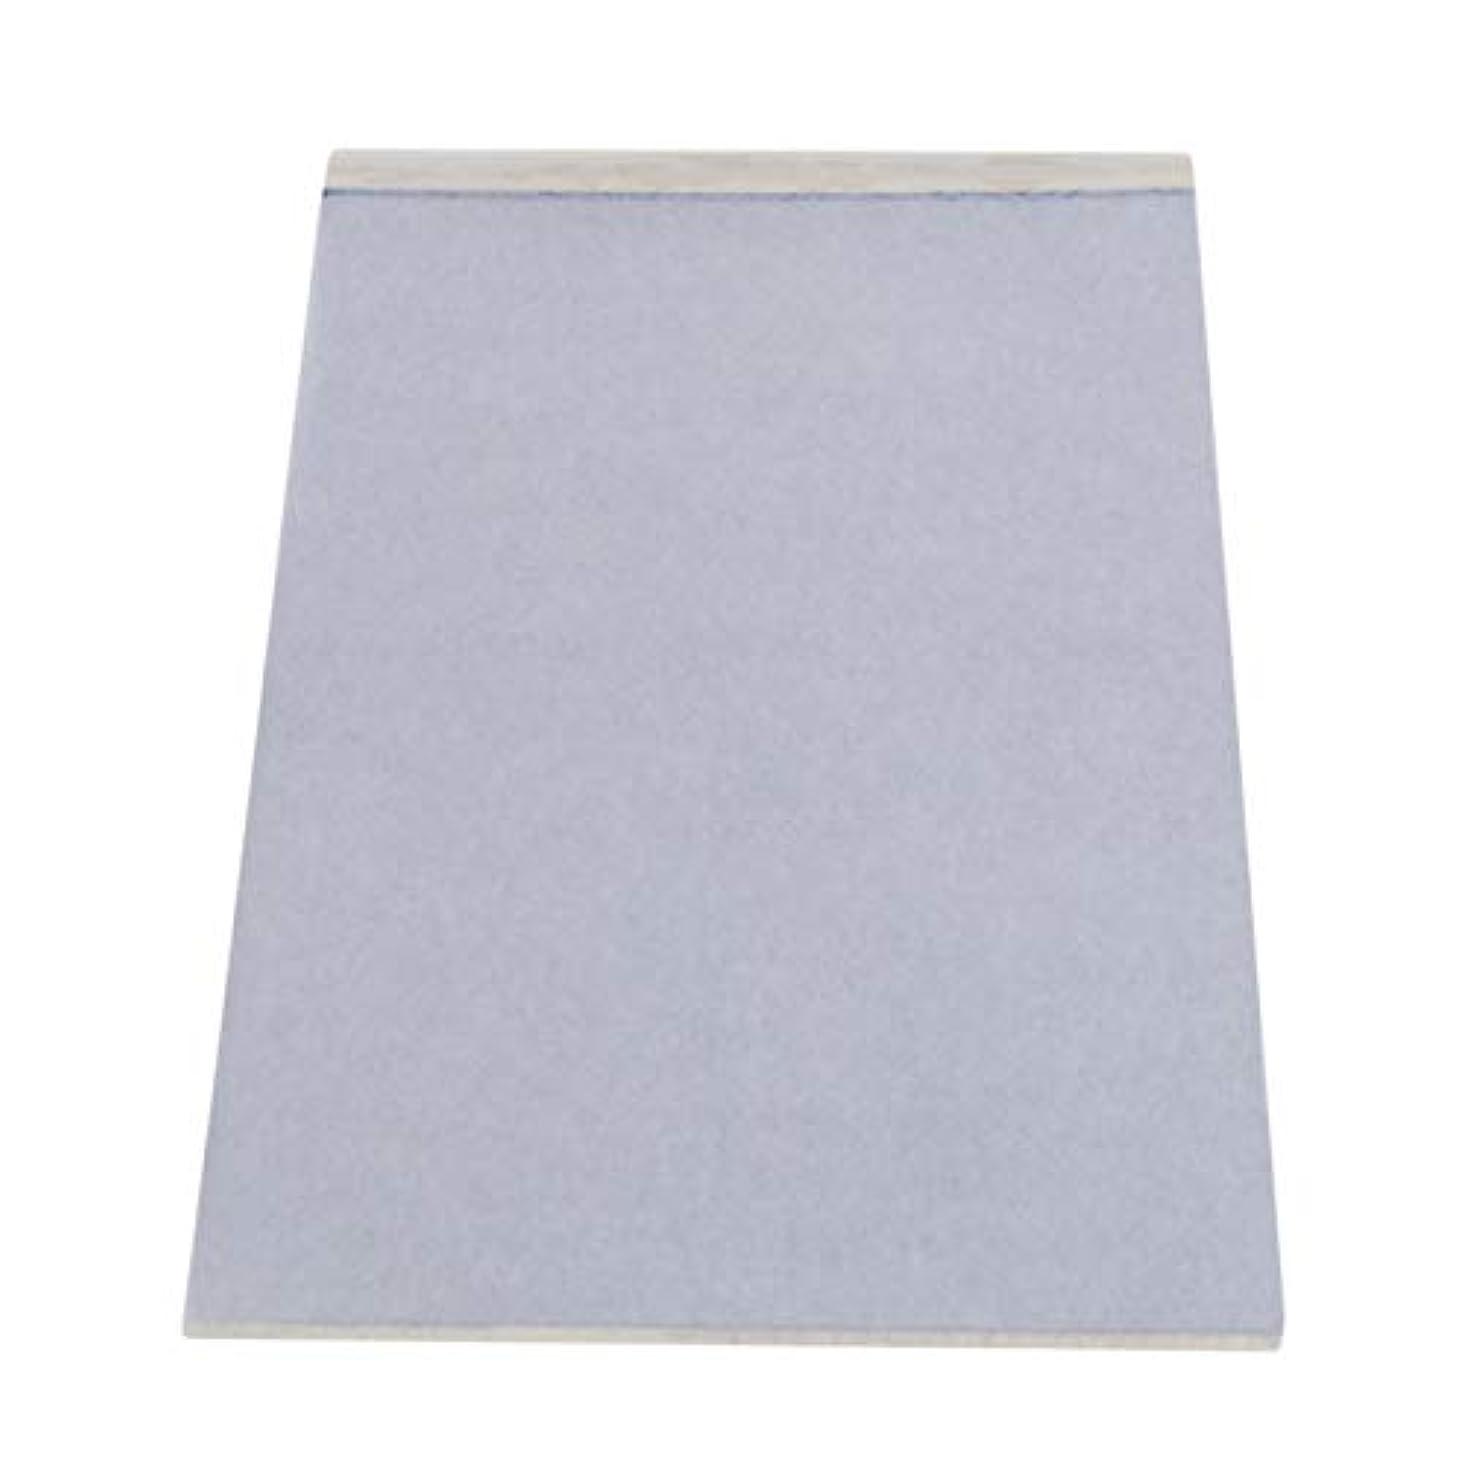 家事をする私たちのもの昨日Bigsweety タトゥー 転写用紙 5枚セット ブルー1パック(50枚)タトゥー転写紙 プロのタトゥーツール